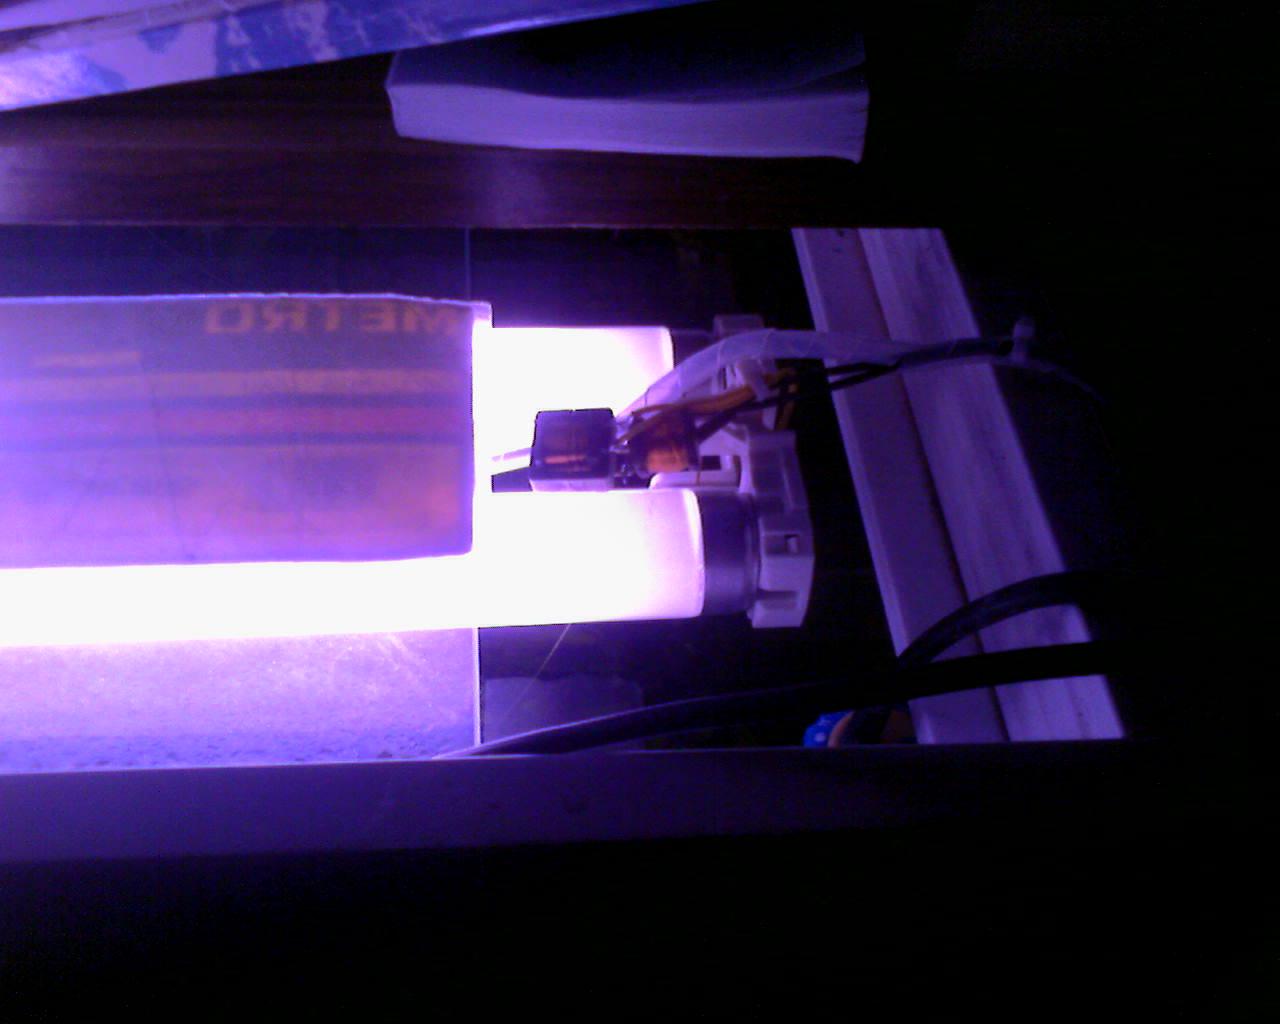 схема подключения дневной лампы накаливания